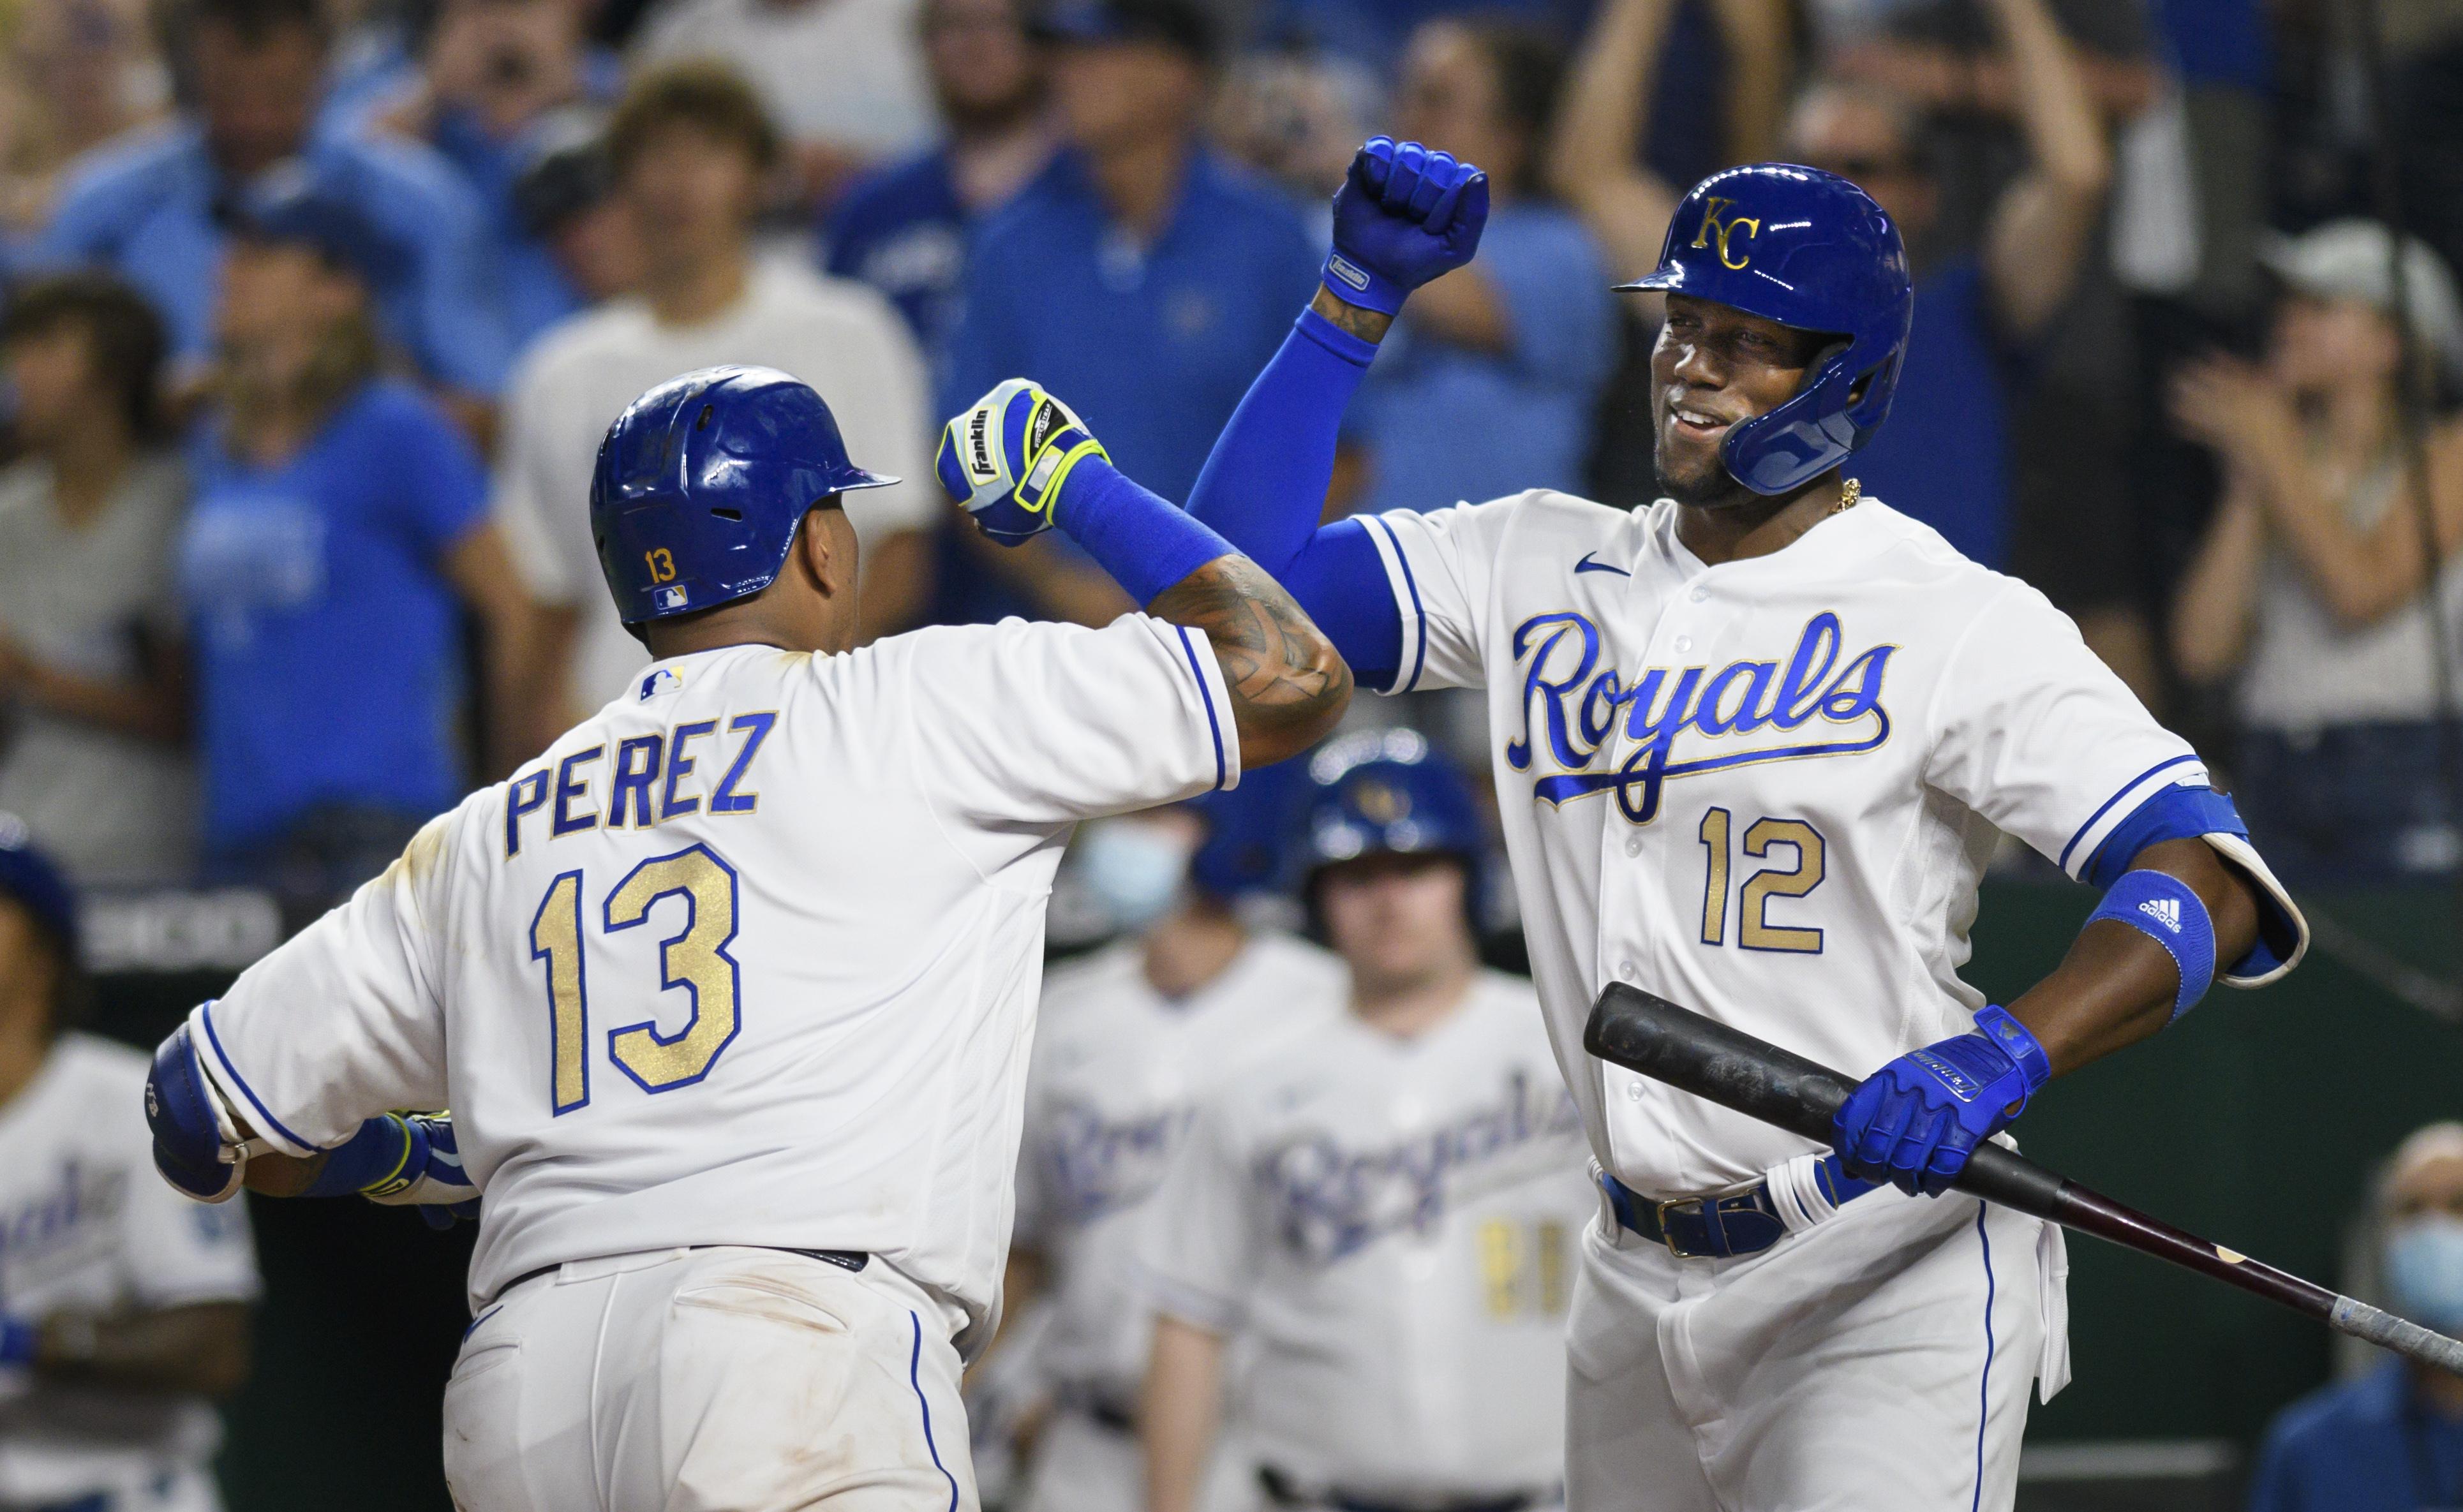 Mondesi 464-foot HR helps Royals beat Boston 5-3, stop skid